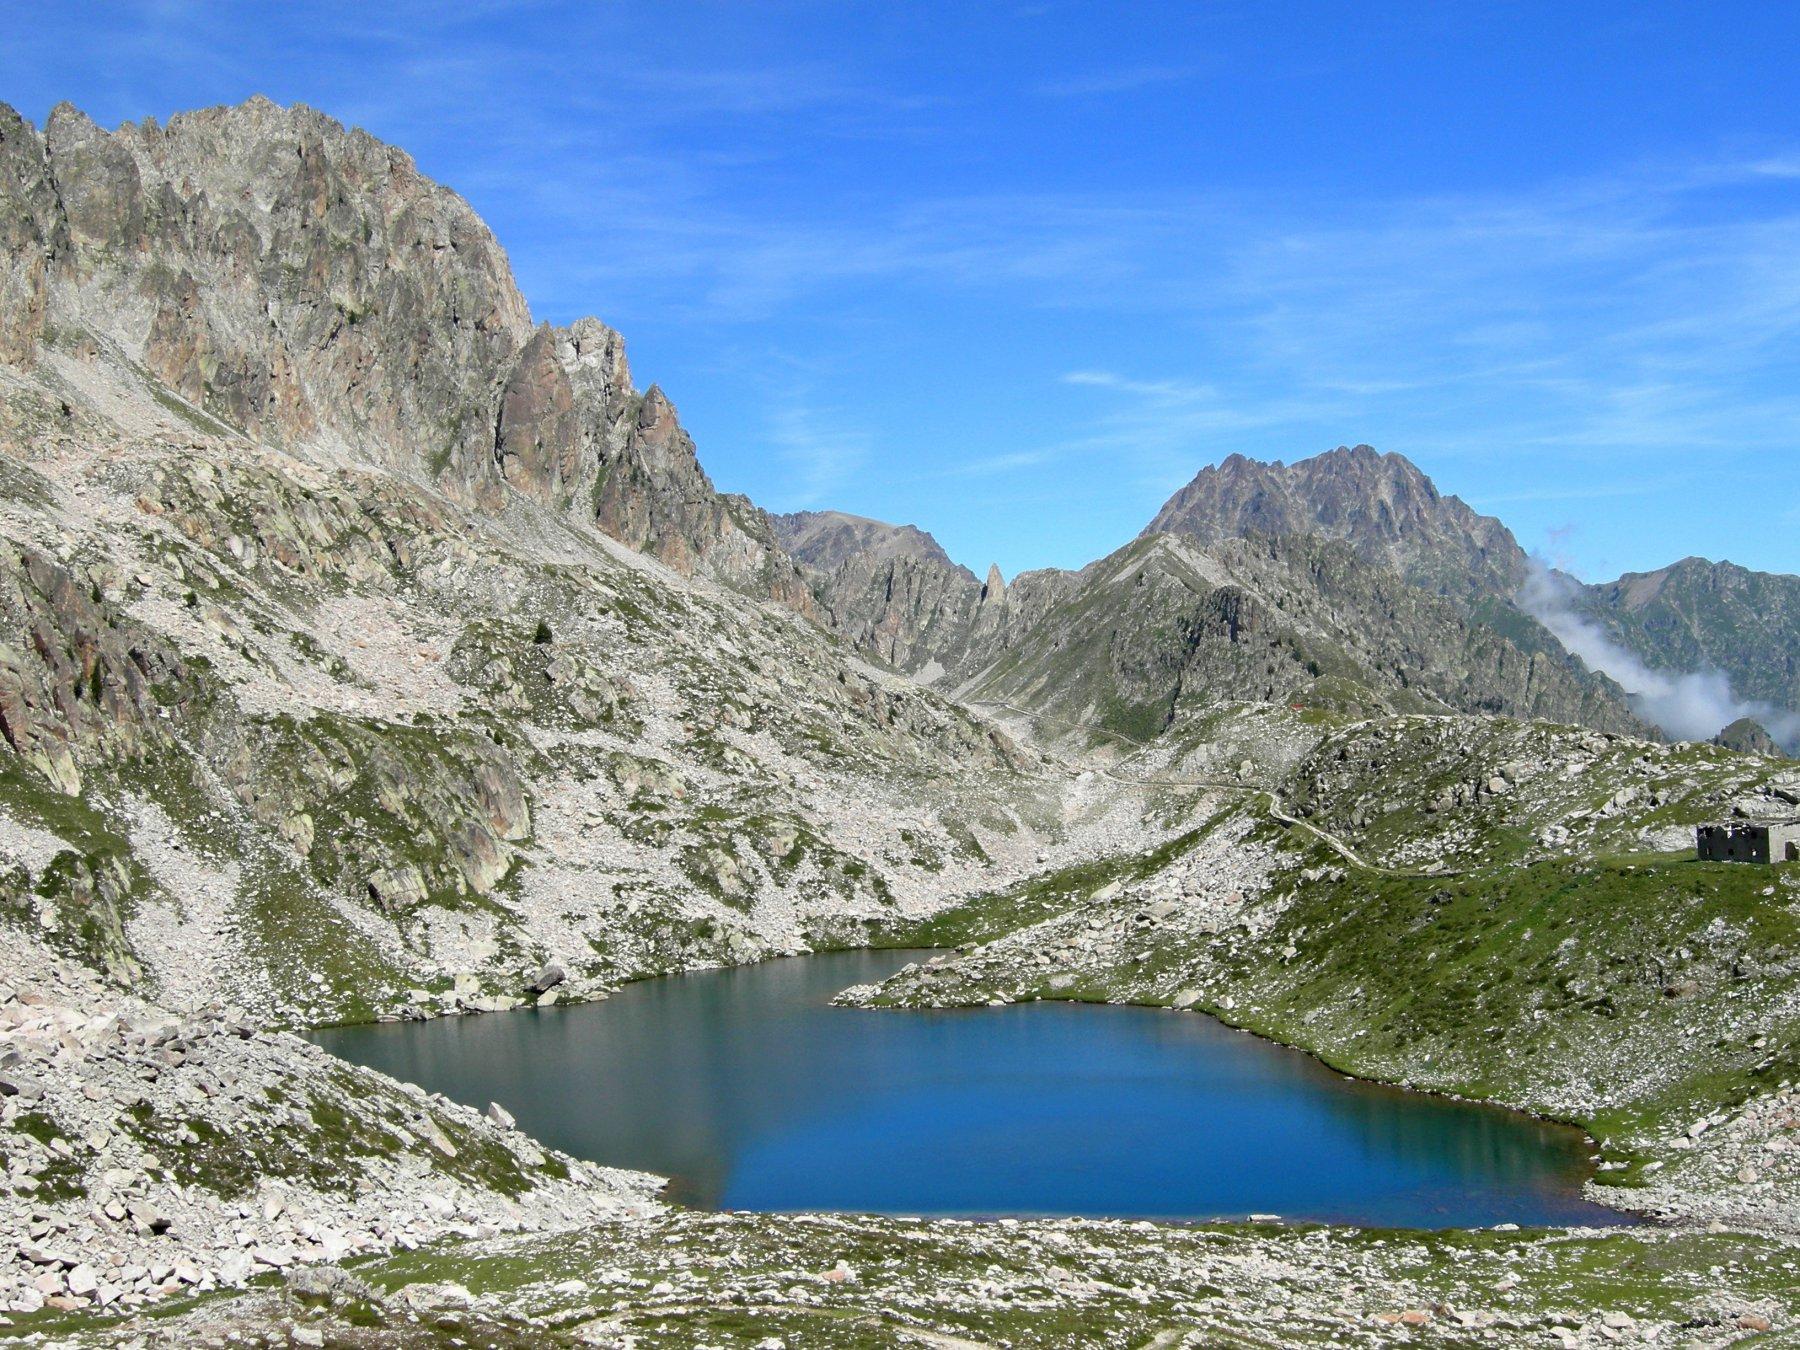 primo lago superiore